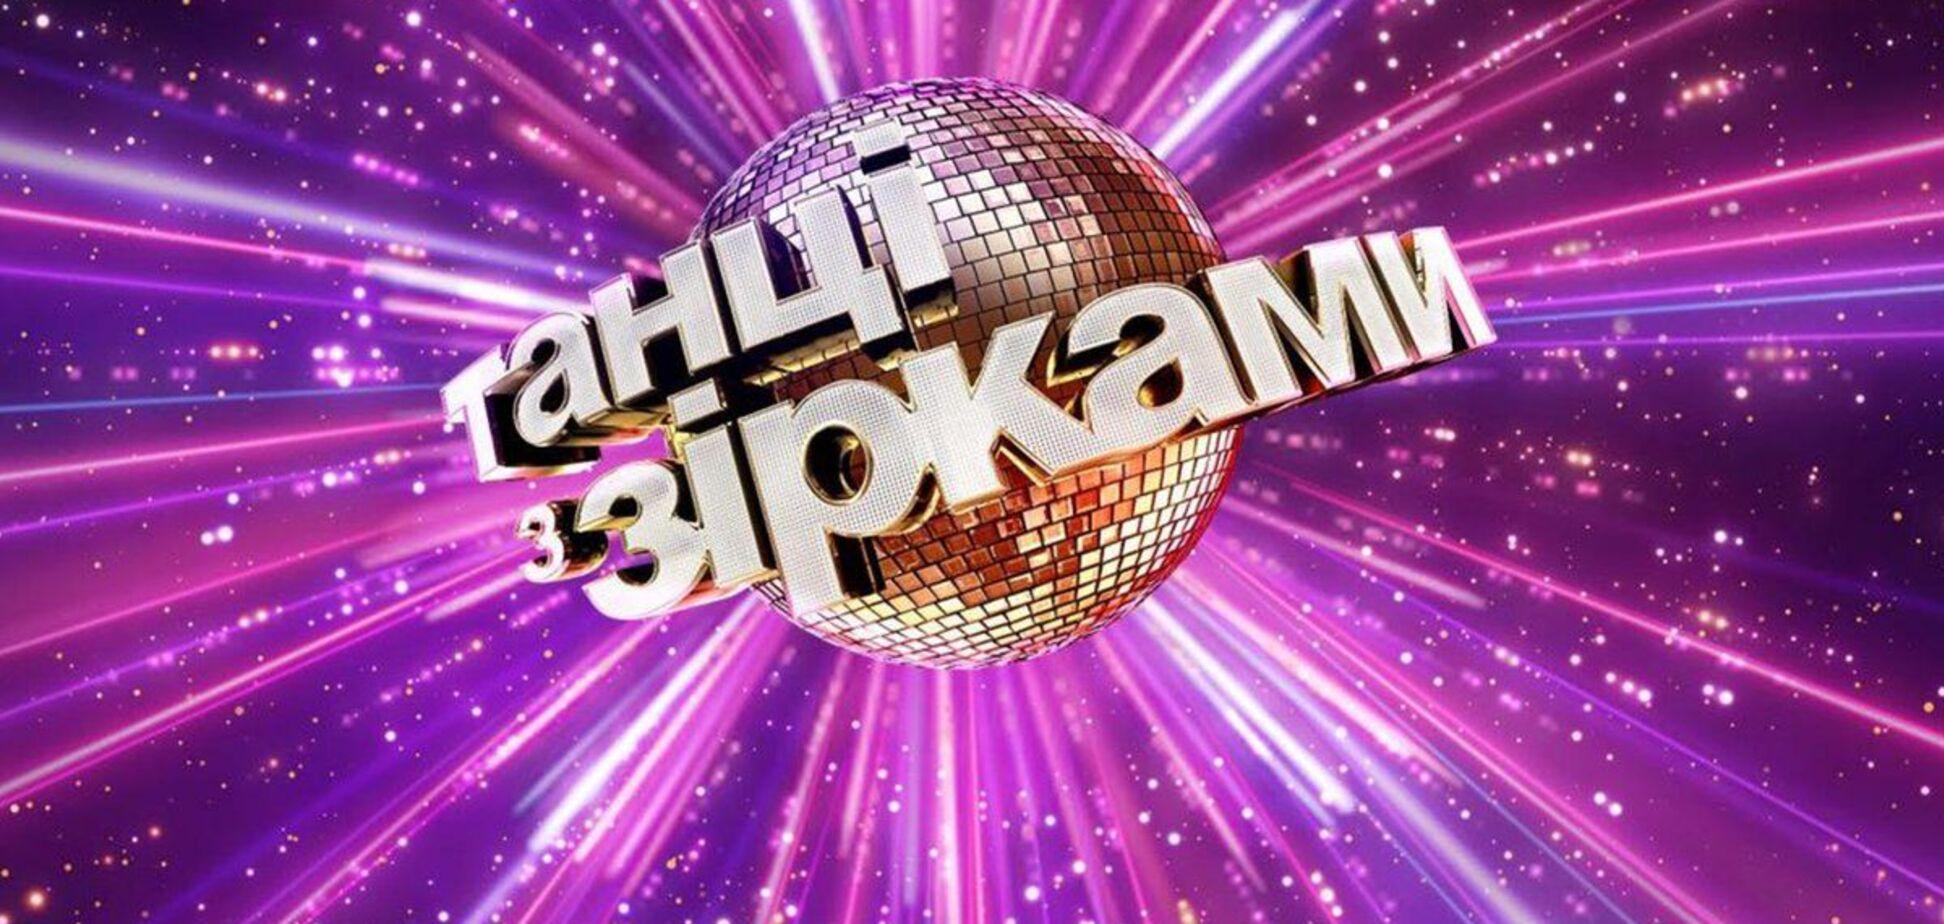 Шестой выпуск шоу 'Танцы со звездами' состоится 4 октября